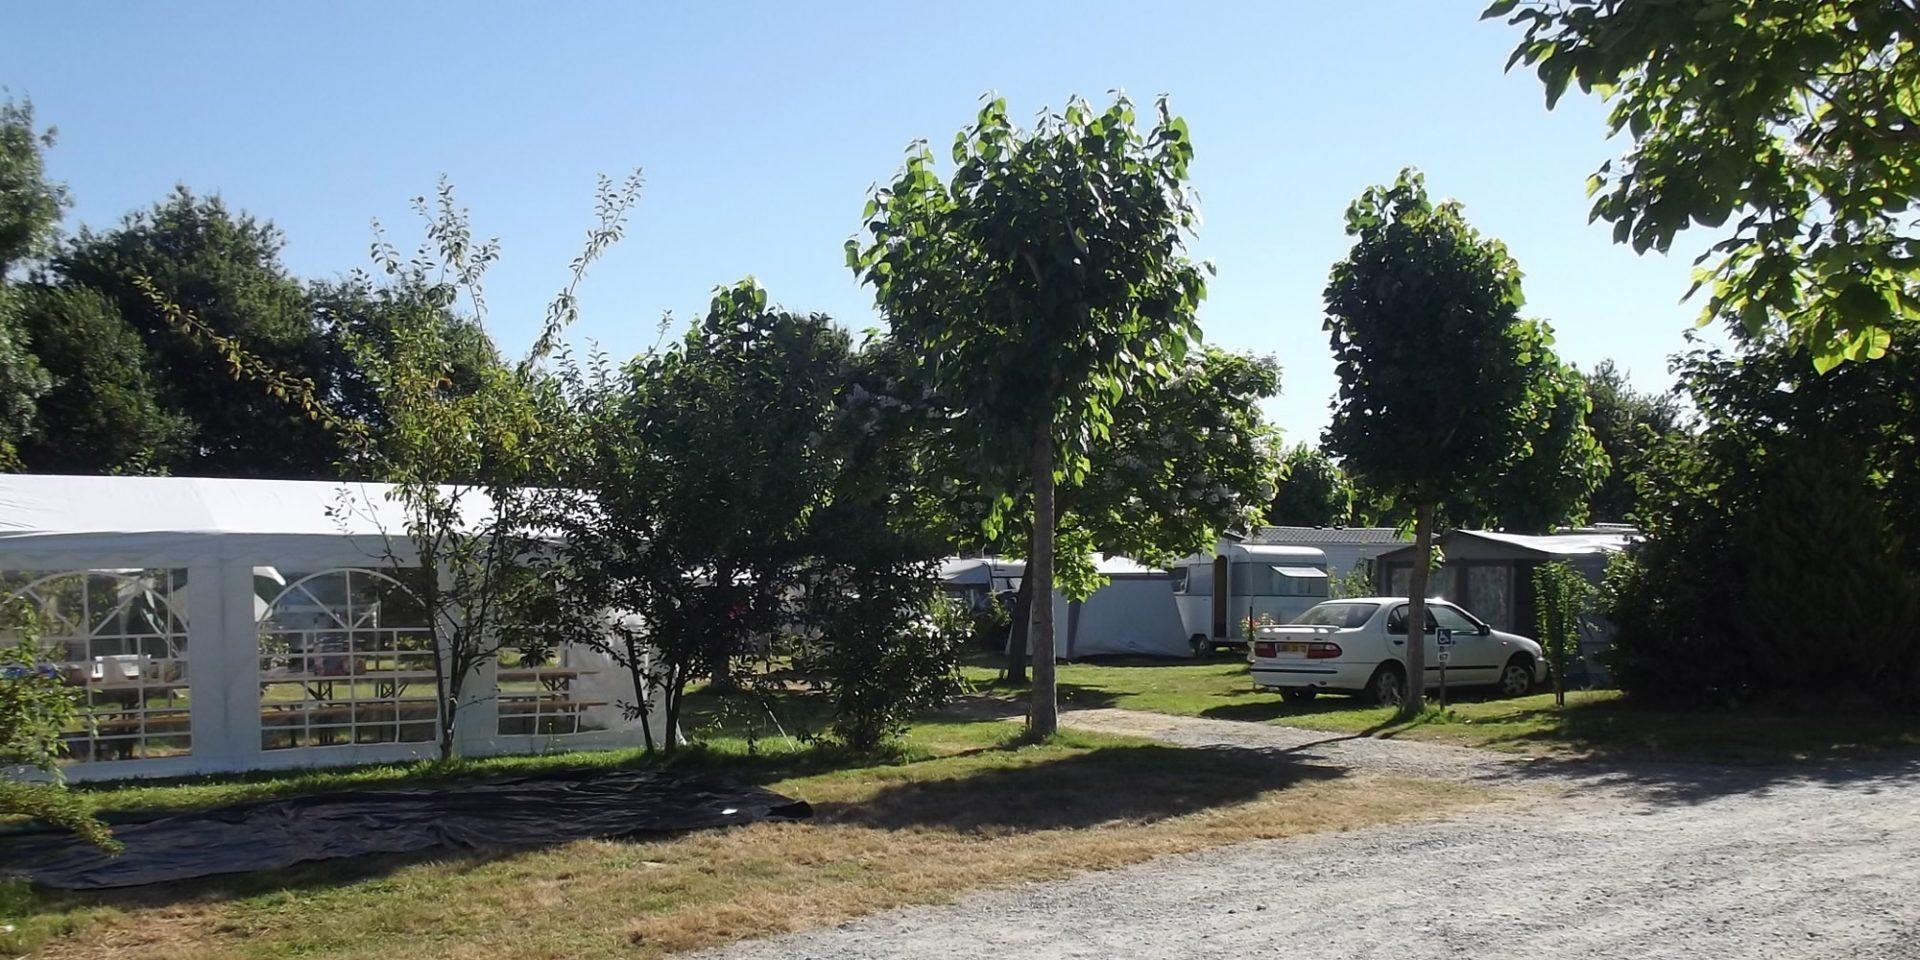 Camping La Vie : Dscf3070